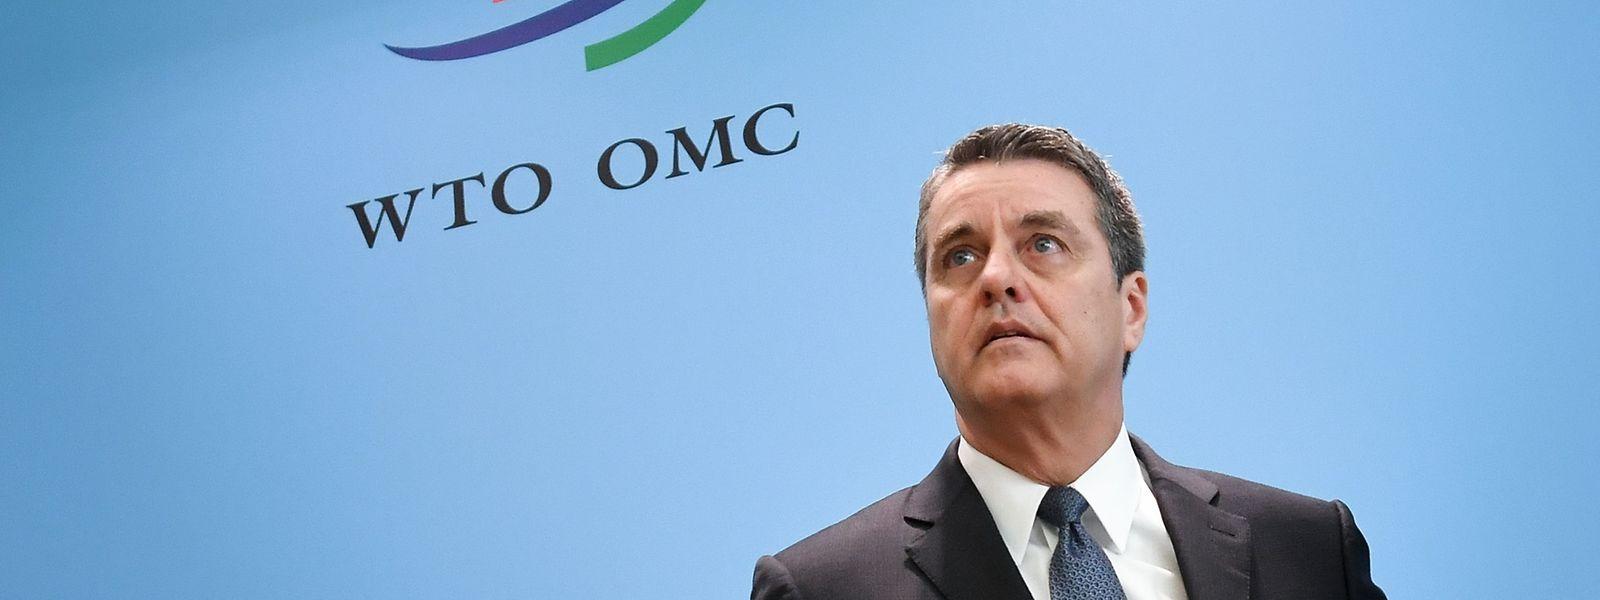 """""""Es scheint, dass schon die Drohung mit einer weiteren Eskalation einen Einfluss hat"""", warnte WTO-Direktor Roberto Azevêdo."""